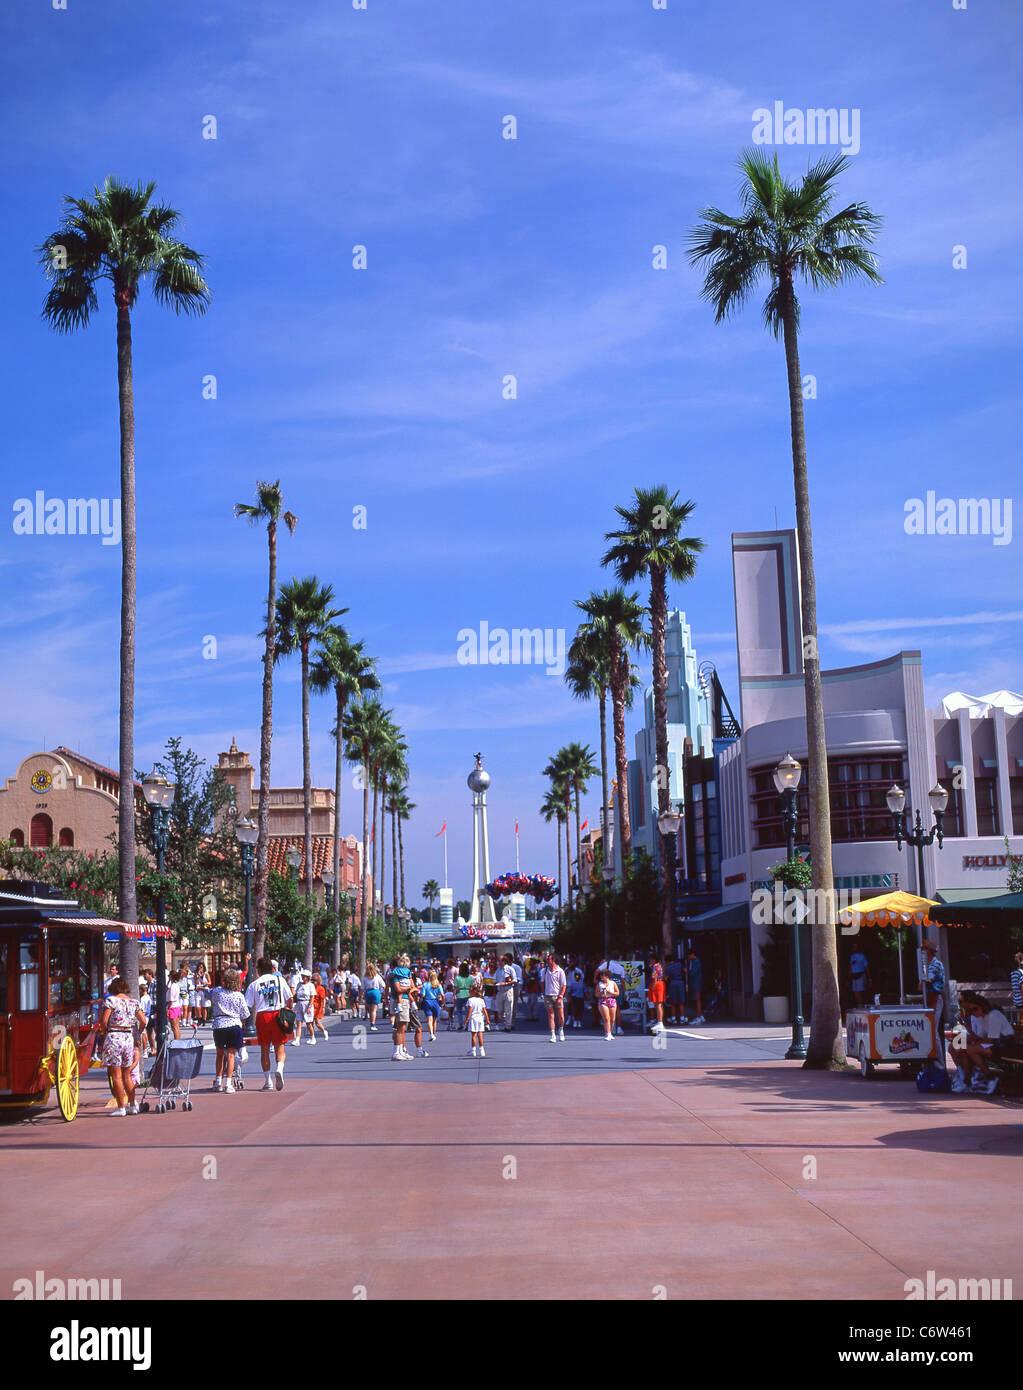 Hollywood Boulevard, Disney MGM Studios, Orlando, Florida, United States of America - Stock Image